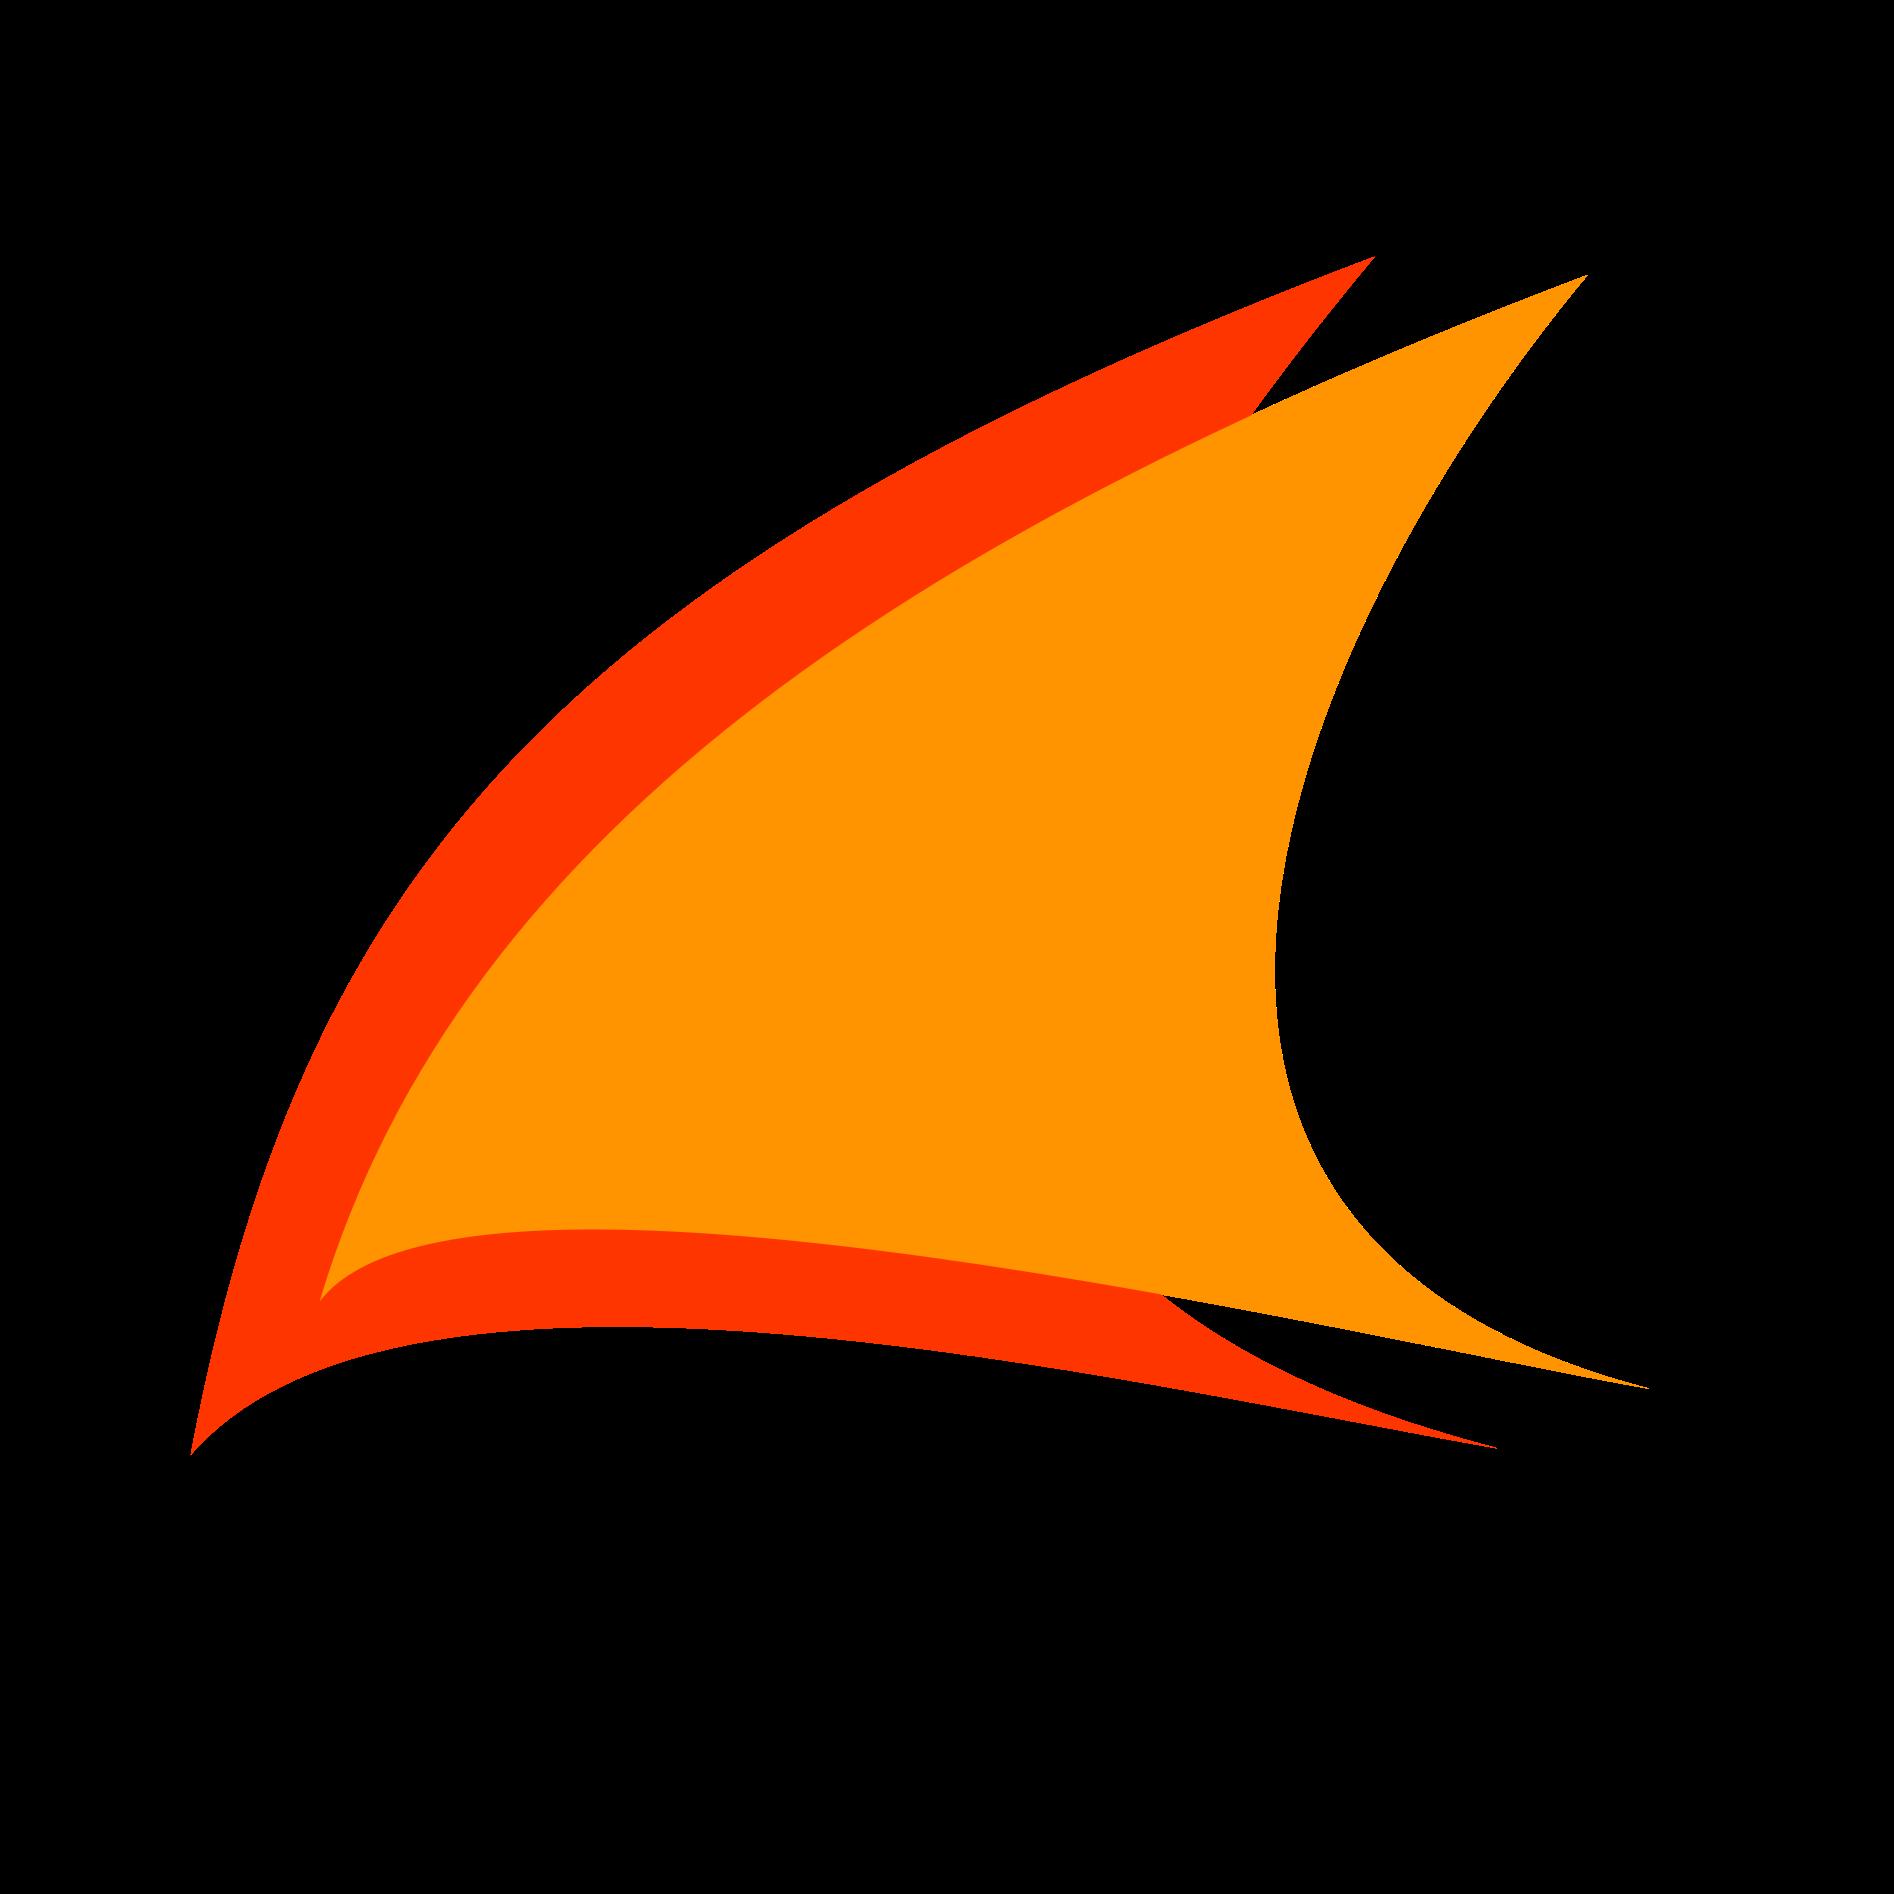 Die Bootschaft, der Segelpodcast